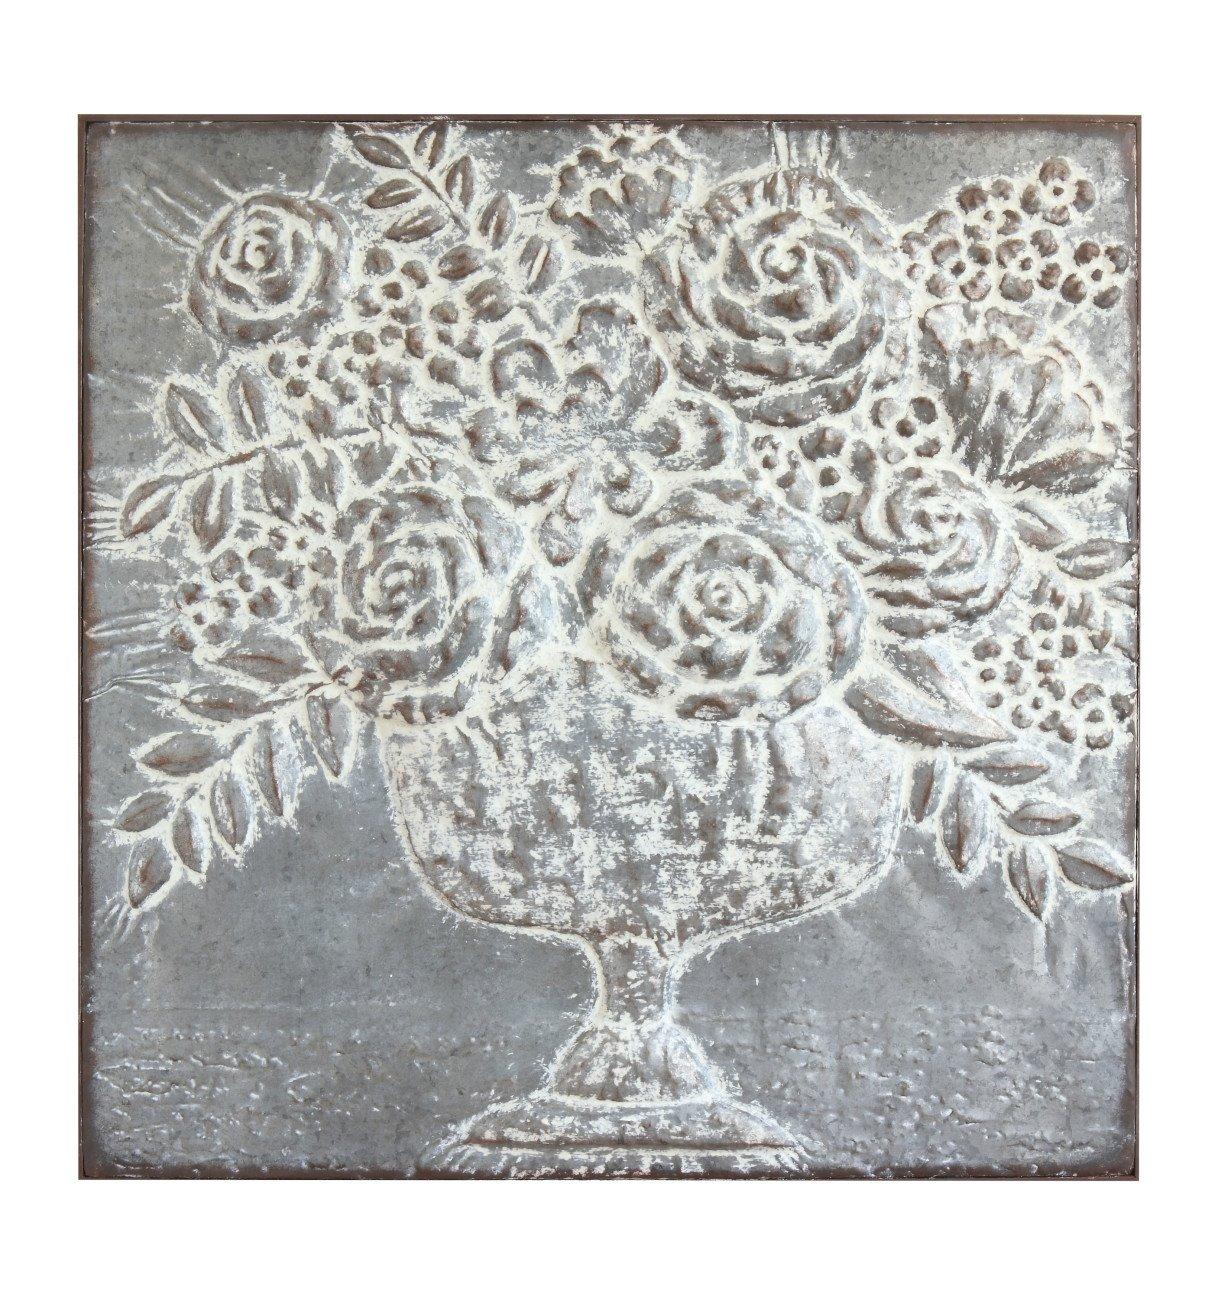 Square Metal Floral Bouquets Wall Décor